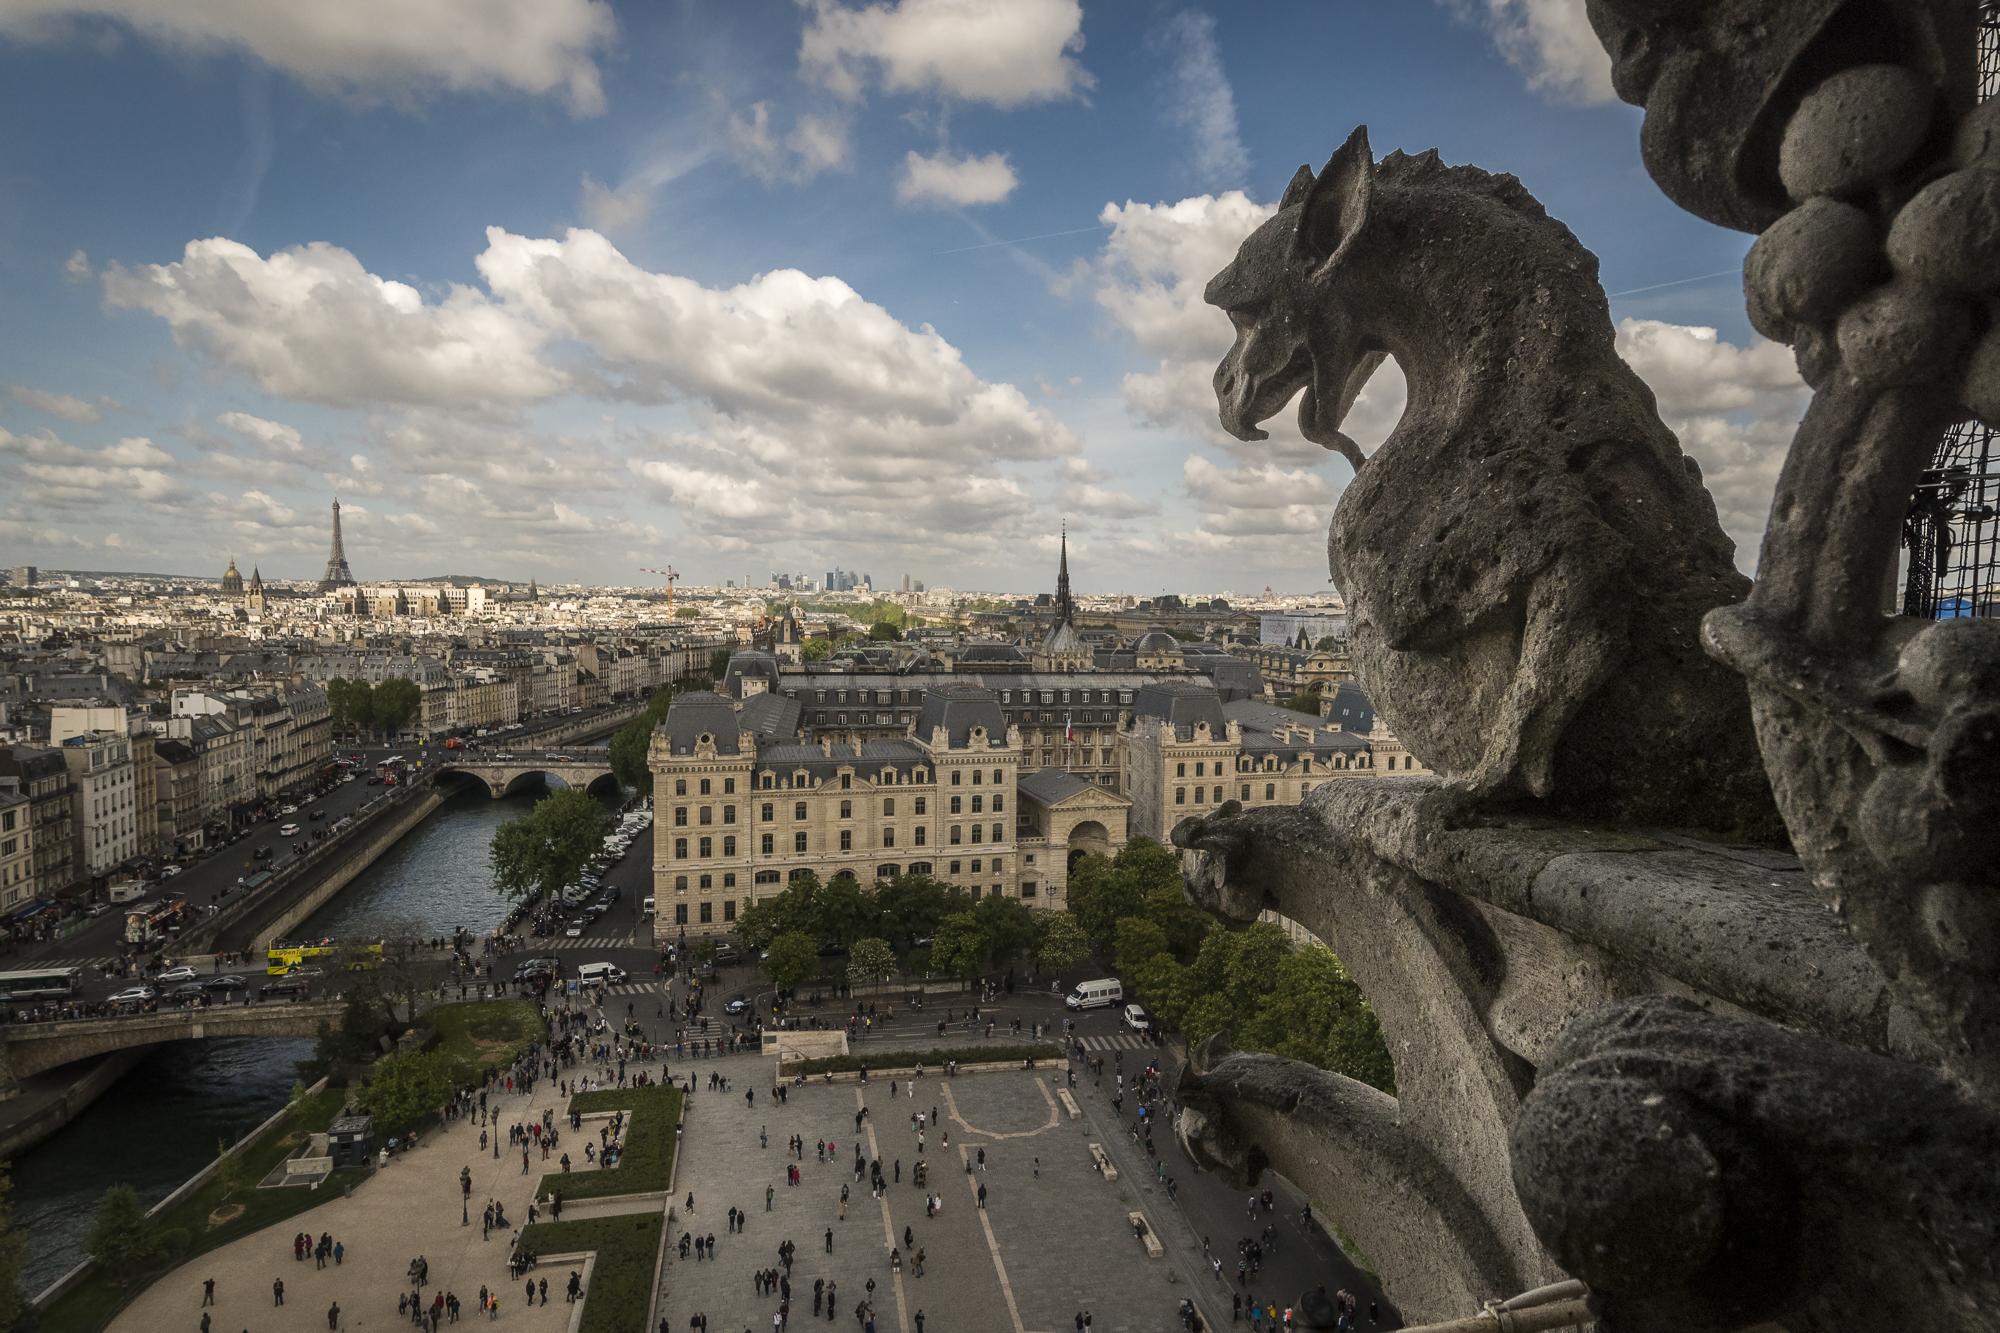 Notre Dame  PHOTOGRAPHY: ALEXANDER J.E. BRADLEY • NIKON D500 • AF-S NIKKOR 14-24MM Ƒ/2.8G ED @ 14MM • Ƒ/8 • 1/8000 • ISO 400